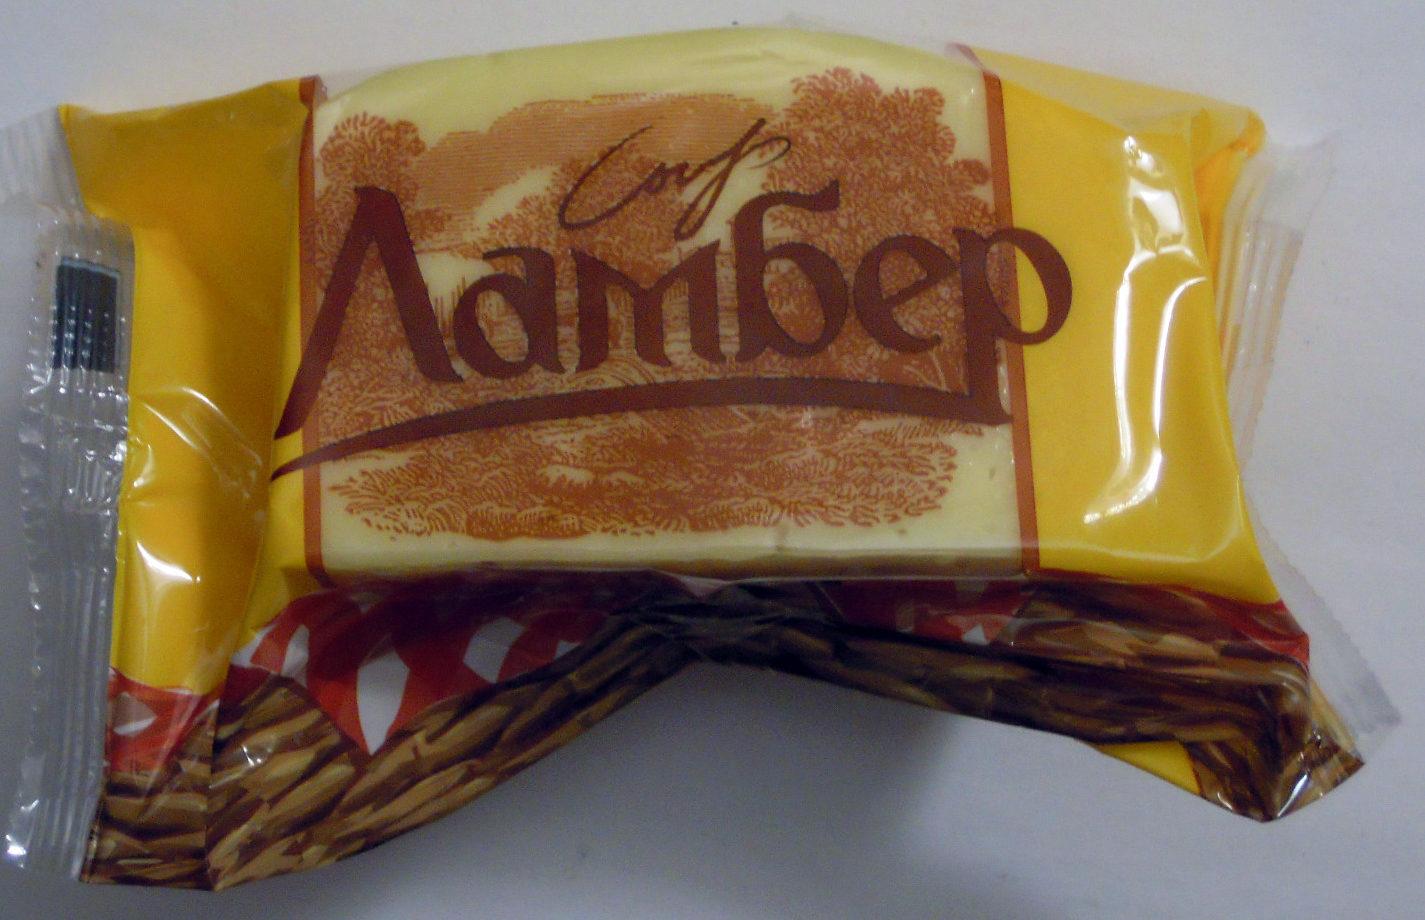 Сыр Ламбер - Product - ru